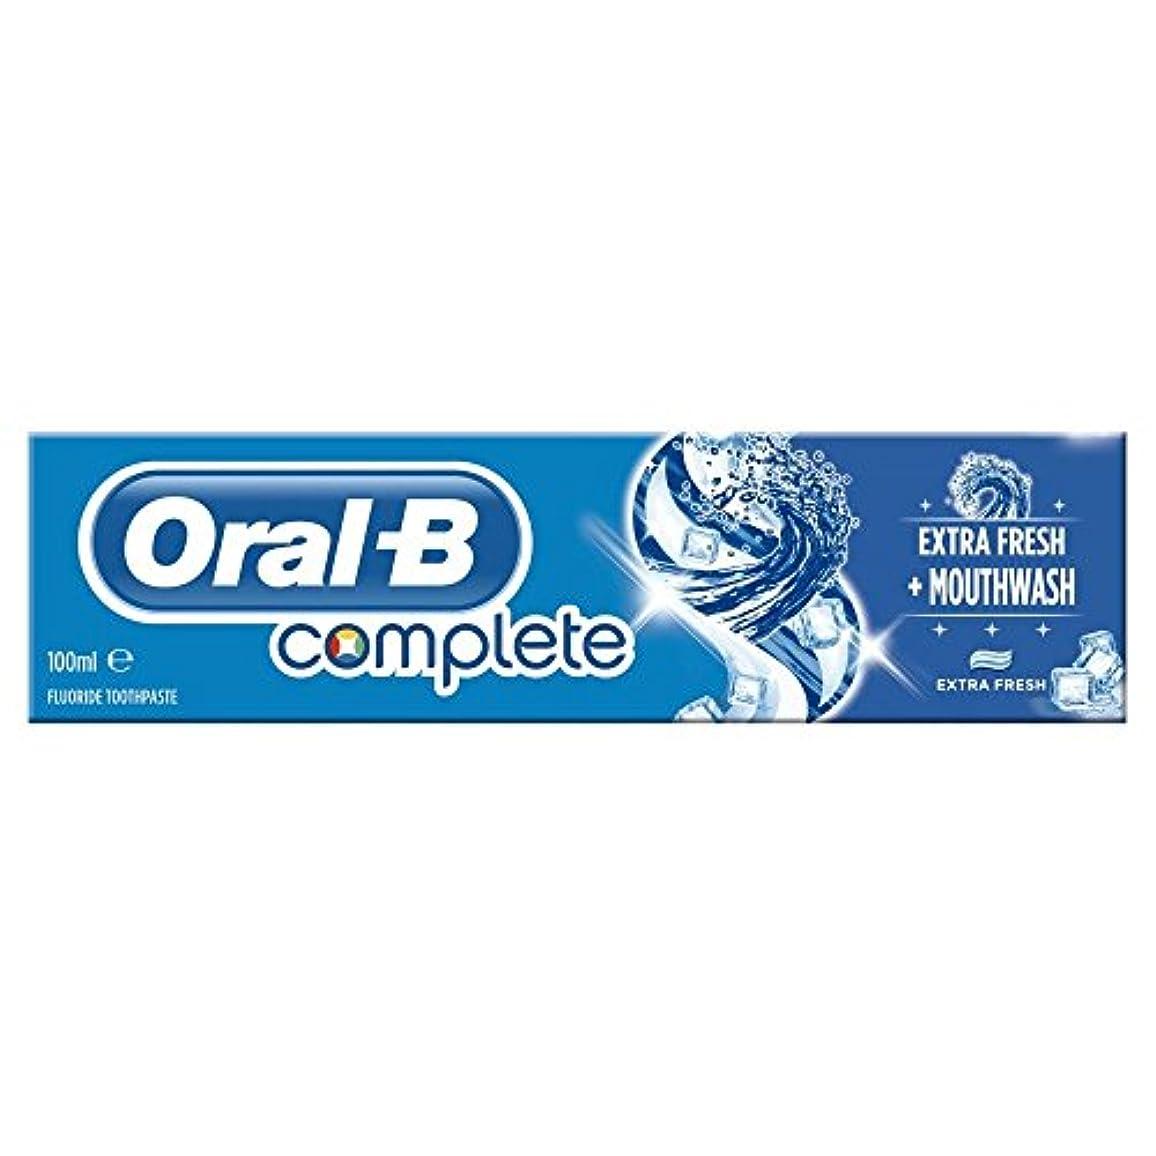 俳優眠りラフトOral B Complete Extra Fresh Toothpaste (100ml) 経口b完全な余分な新鮮な歯磨き粉( 100ミリリットル) [並行輸入品]